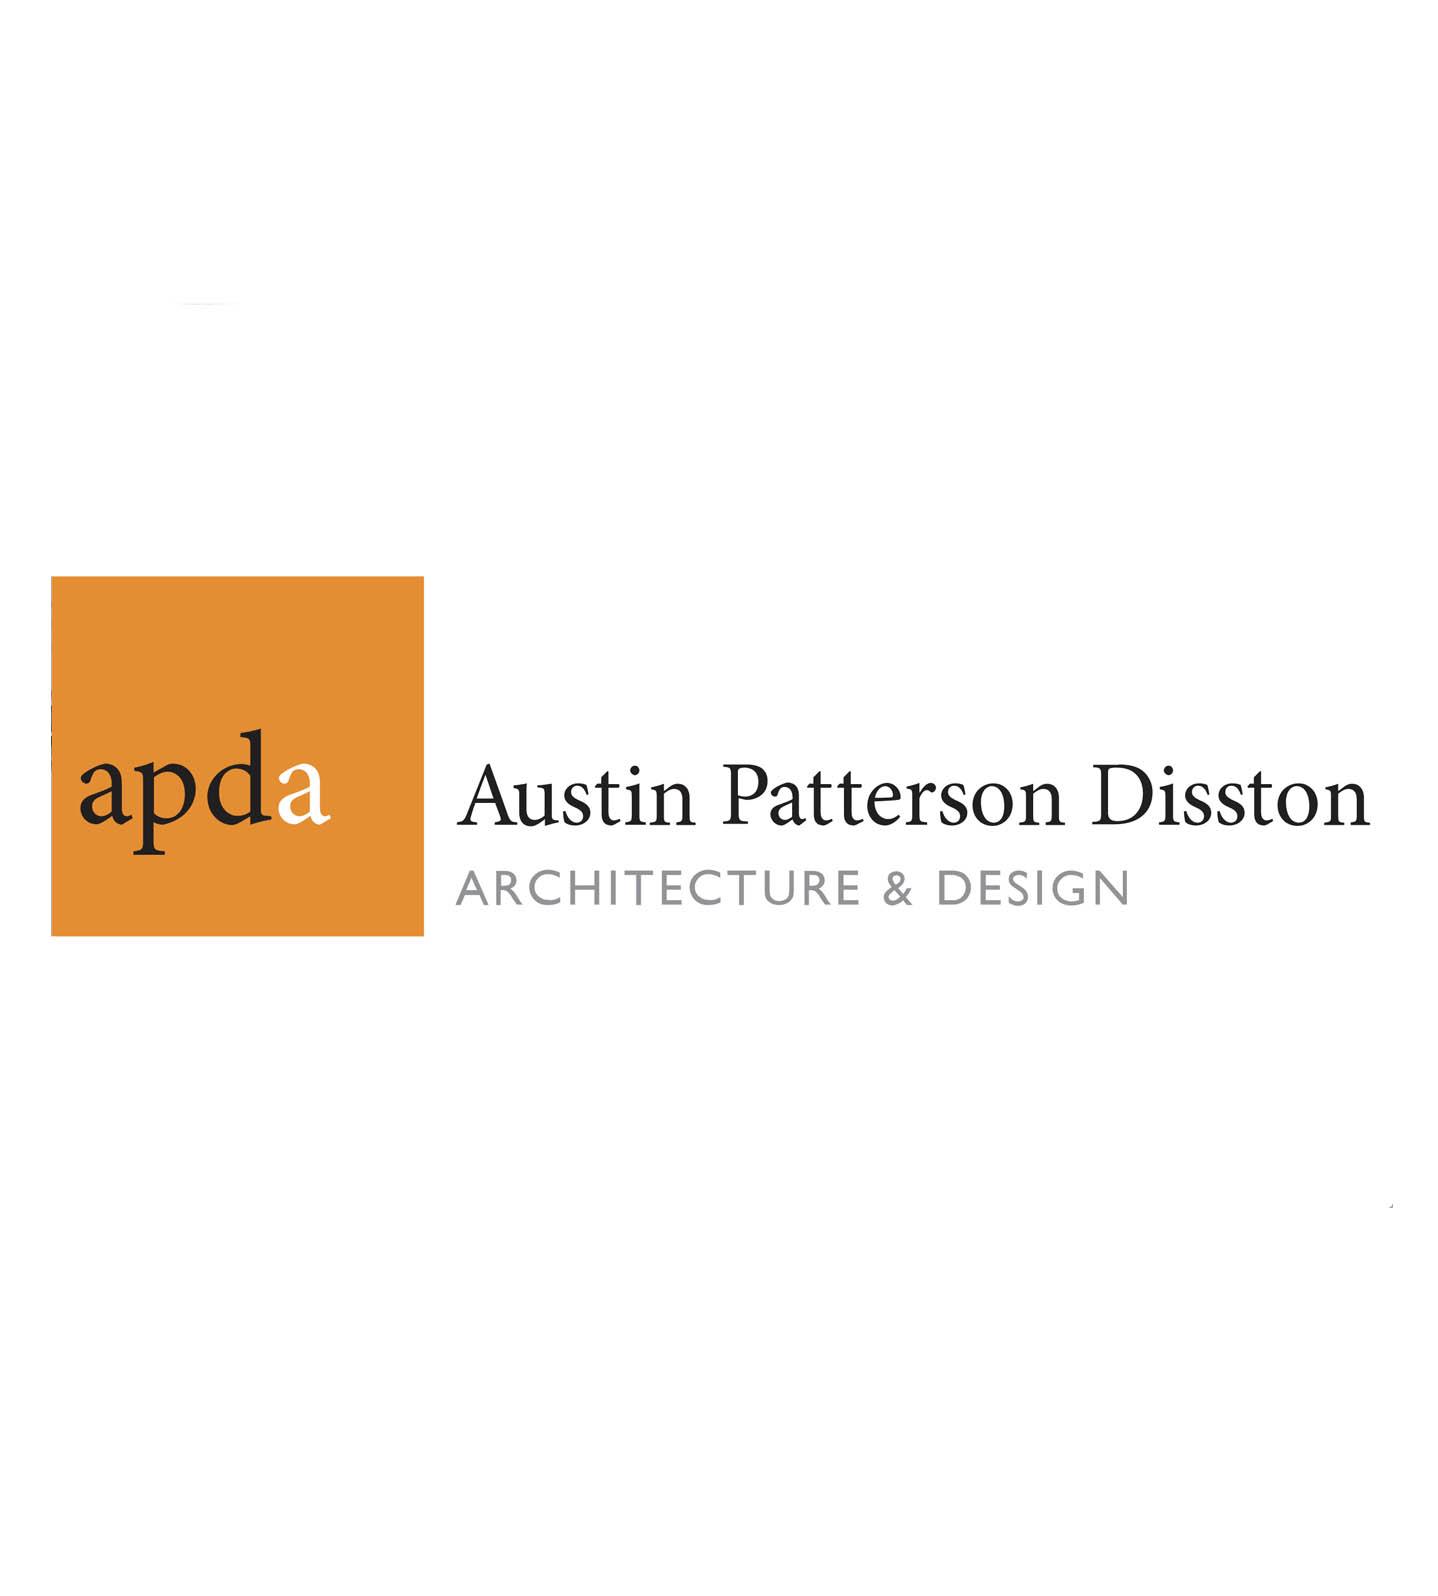 AUSTIN PATTERSON DISSTON